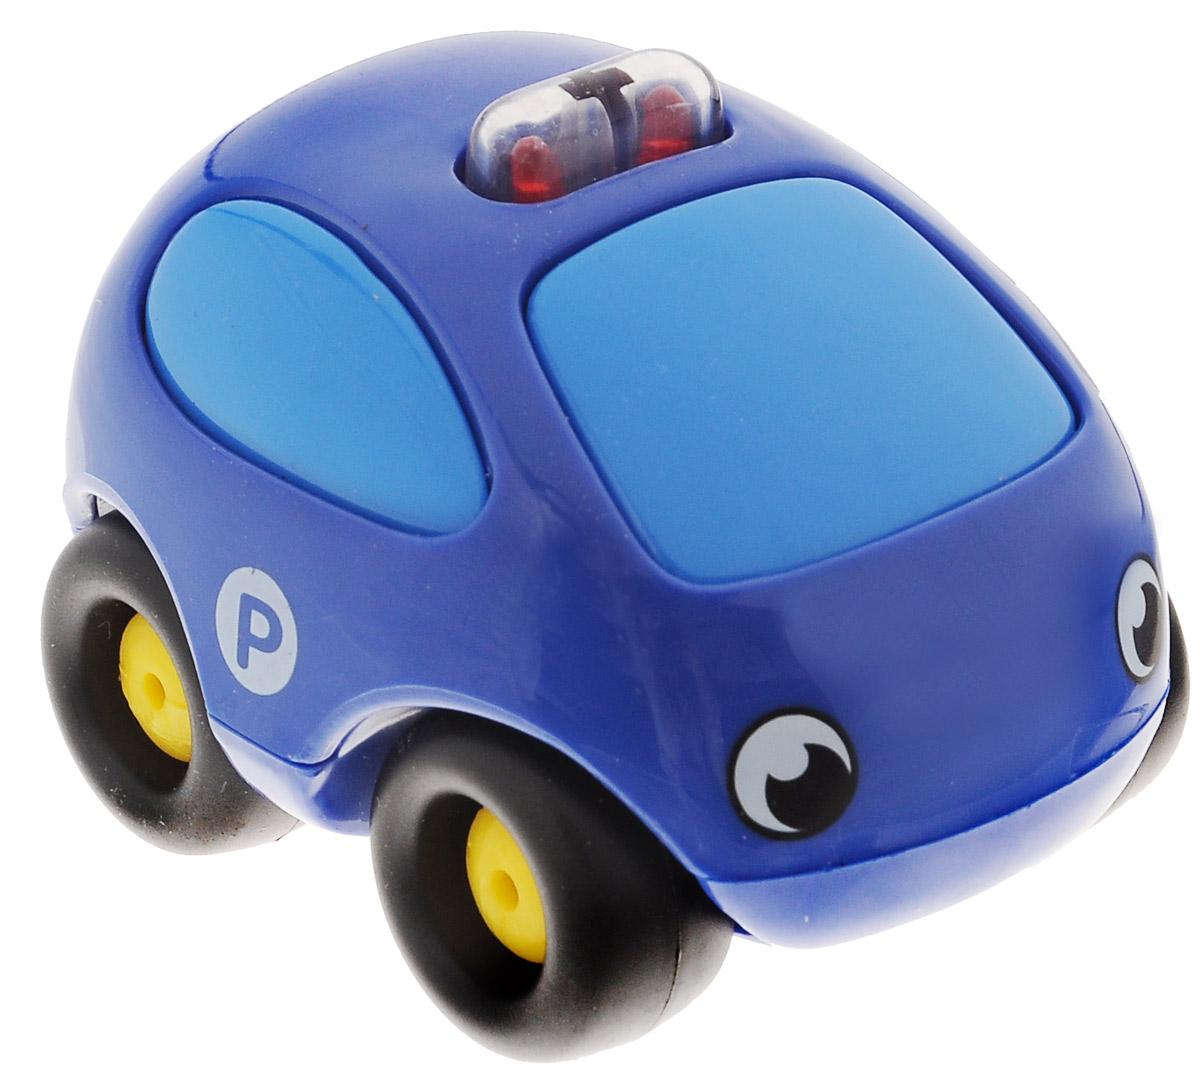 Smoby Машинка Vroom Planet цвет синий750029_синийМини-машинка из серии Vroom Planet непременно привлечет внимание малыша благодаря звуковым и световым эффектам. Игрушка выполнена из абсолютно безопасного для малыша высококачественного пластика. Машинка снабжена небольшим моторчиком и дополнена световыми и звуковыми эффектами. Игра с машинкой помогает развивать мелкую моторику, цветовосприятие, координацию движений, а также являются хорошим средством для развлечения ребенка. Порадуйте своего малыша таким замечательным подарком. Питание: 2 батарейки напряжением 1,5V типа LR44/AG13 (входят в комплект).